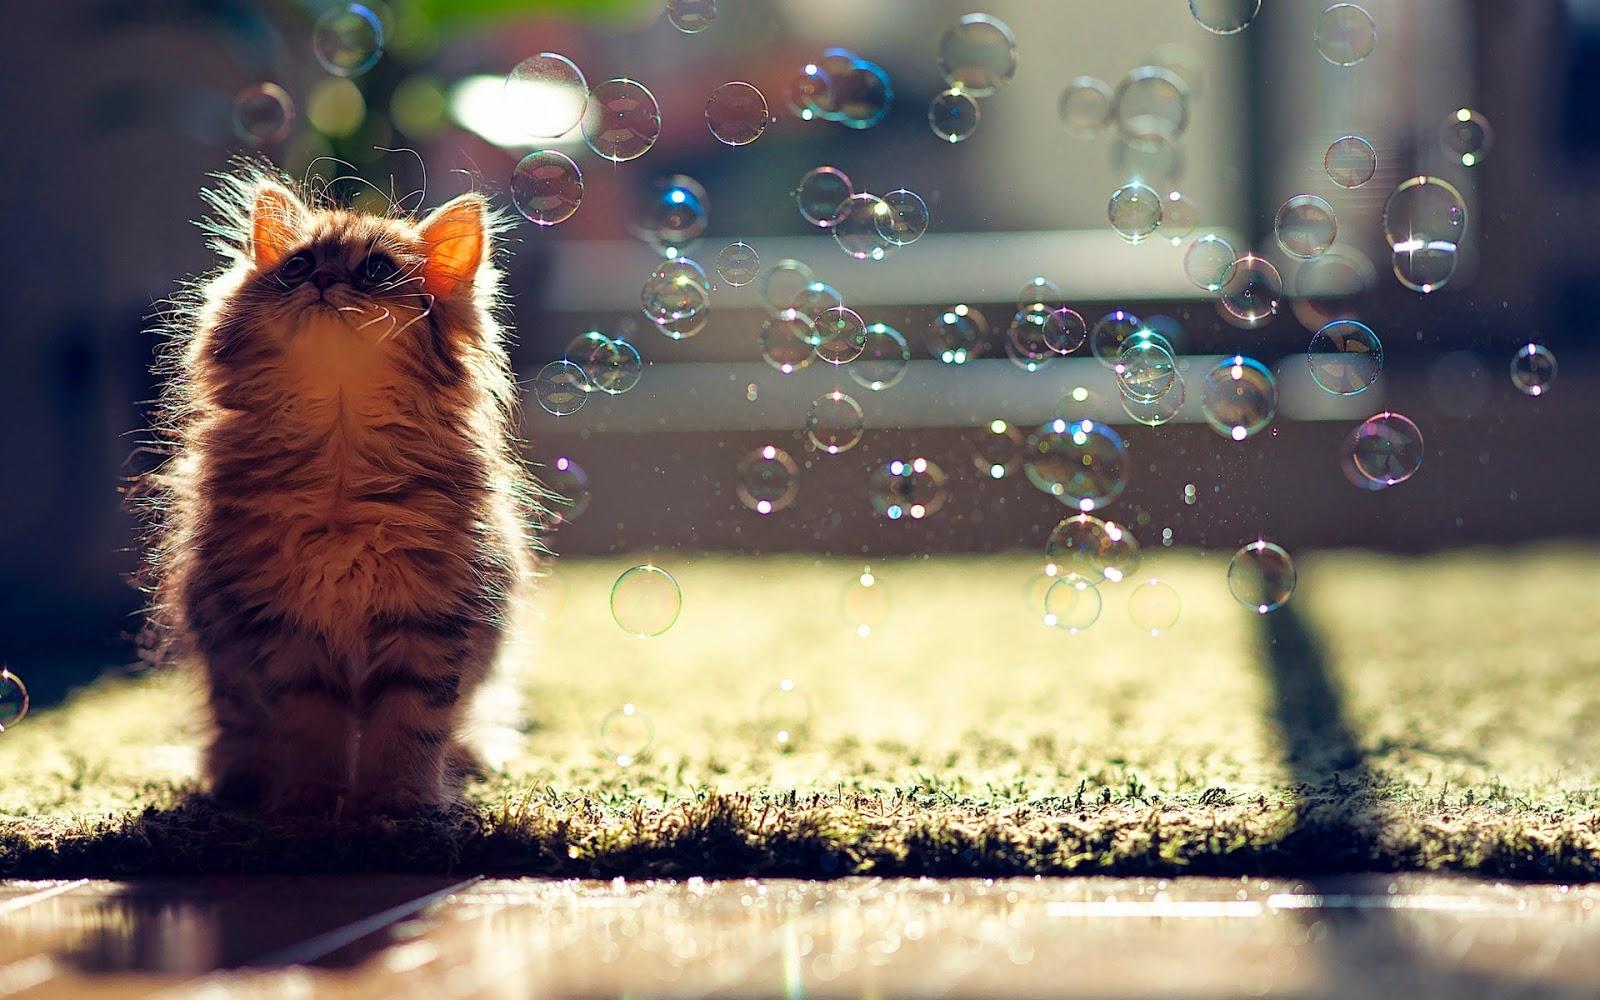 أجمل صور القطط بالعالم